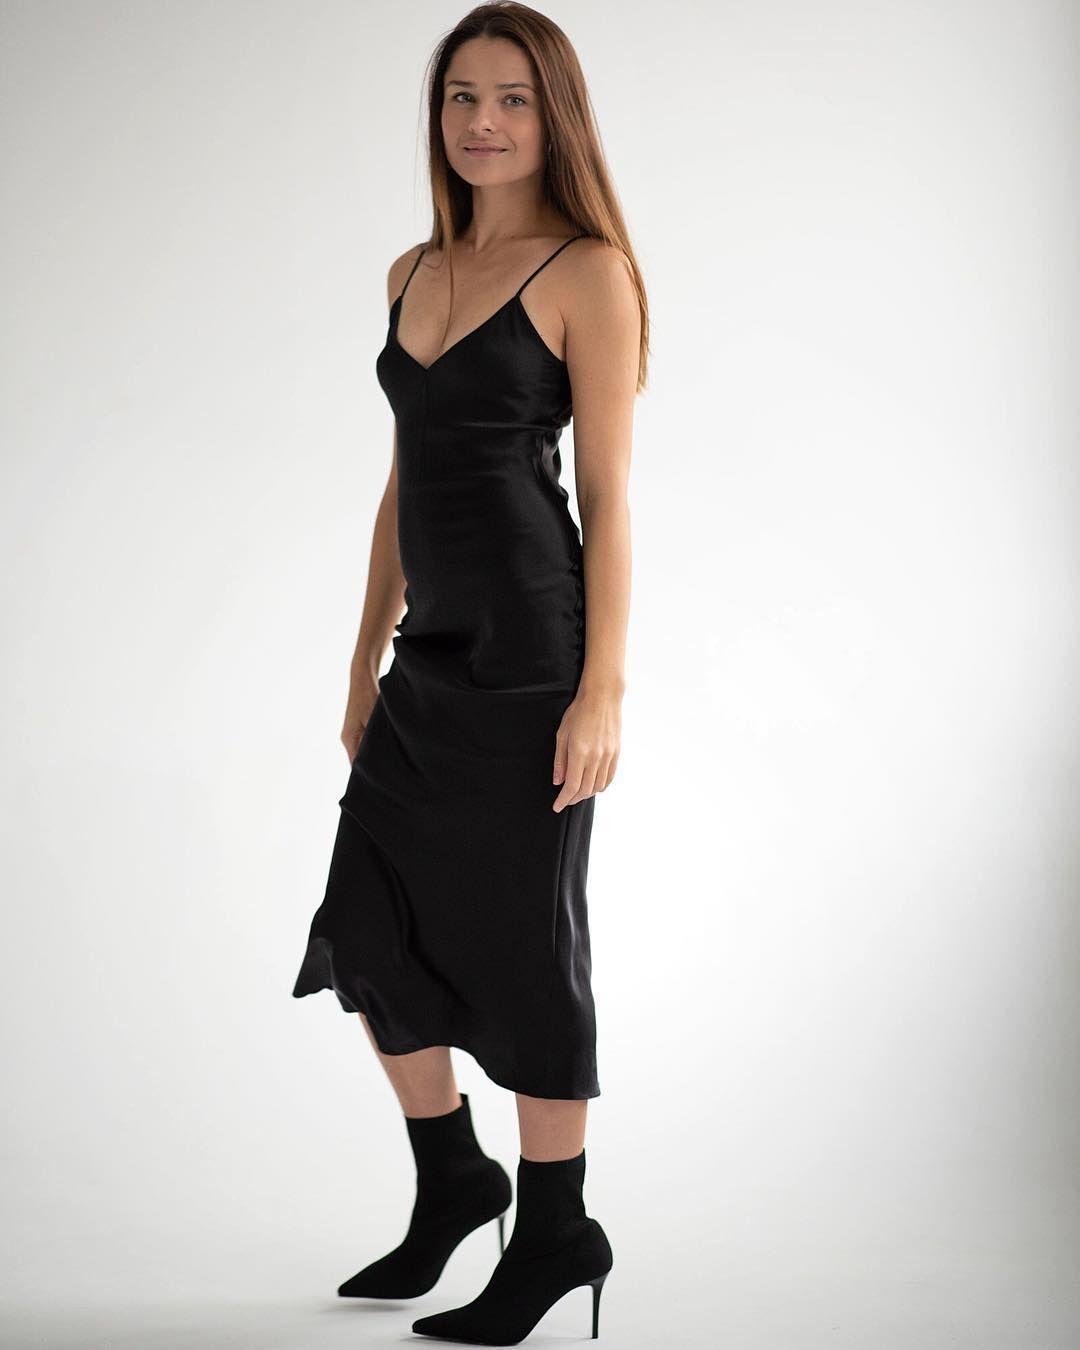 Pin By C 35 4dh74 On Renan Fashion Line Inspo Silk Slip Dress Slip Dress Black Slip Dress [ 1350 x 1080 Pixel ]